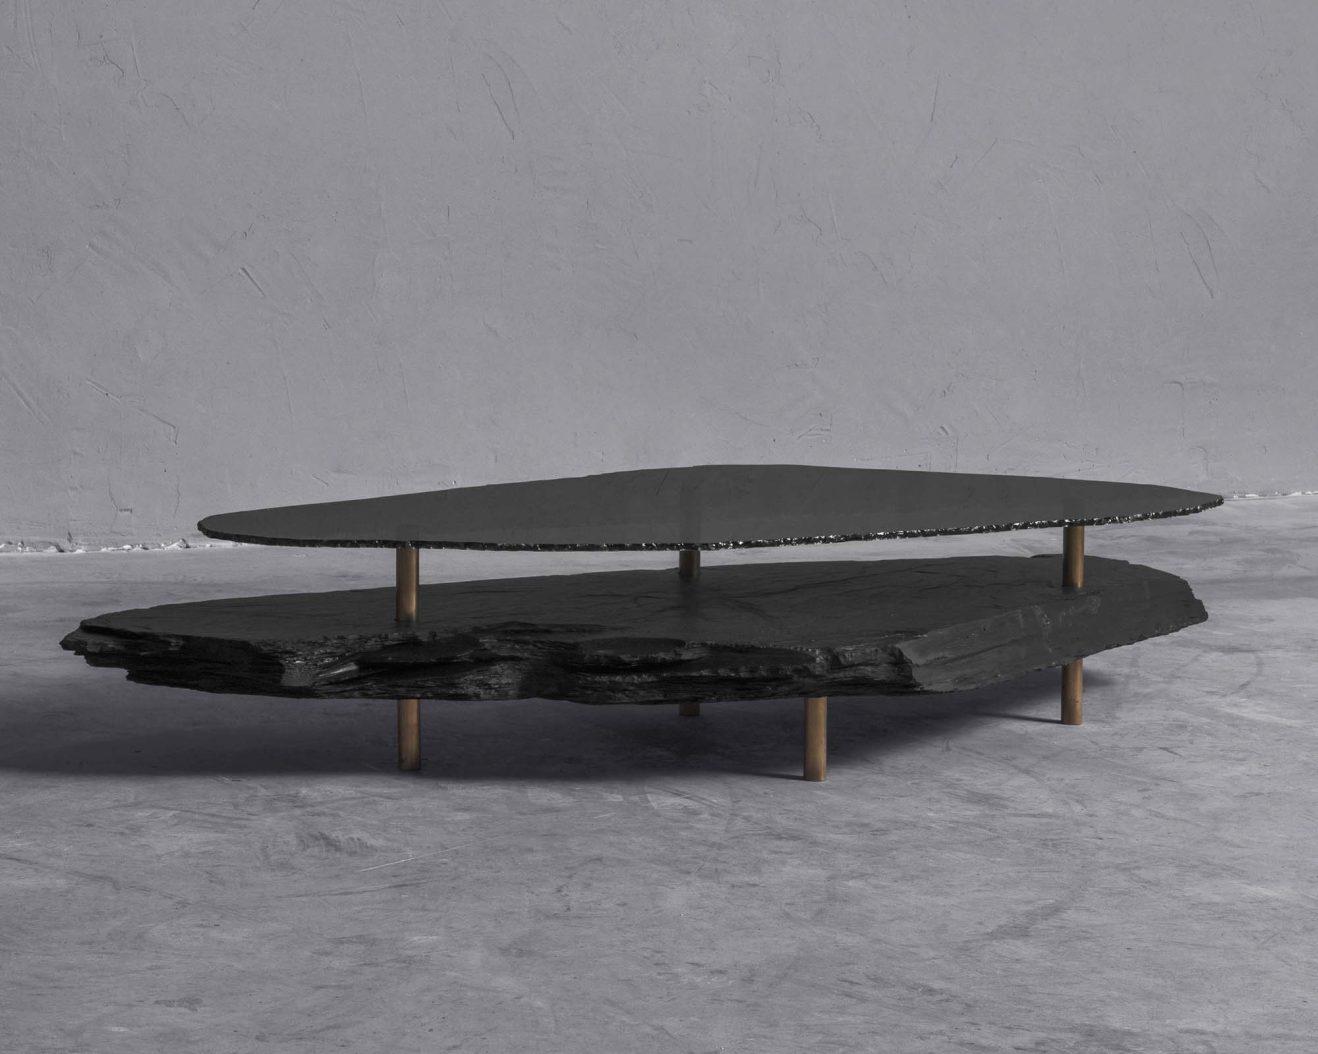 Frederic-Saulou-Hardie-Coffee Table-Savannah Bay Gallery-1